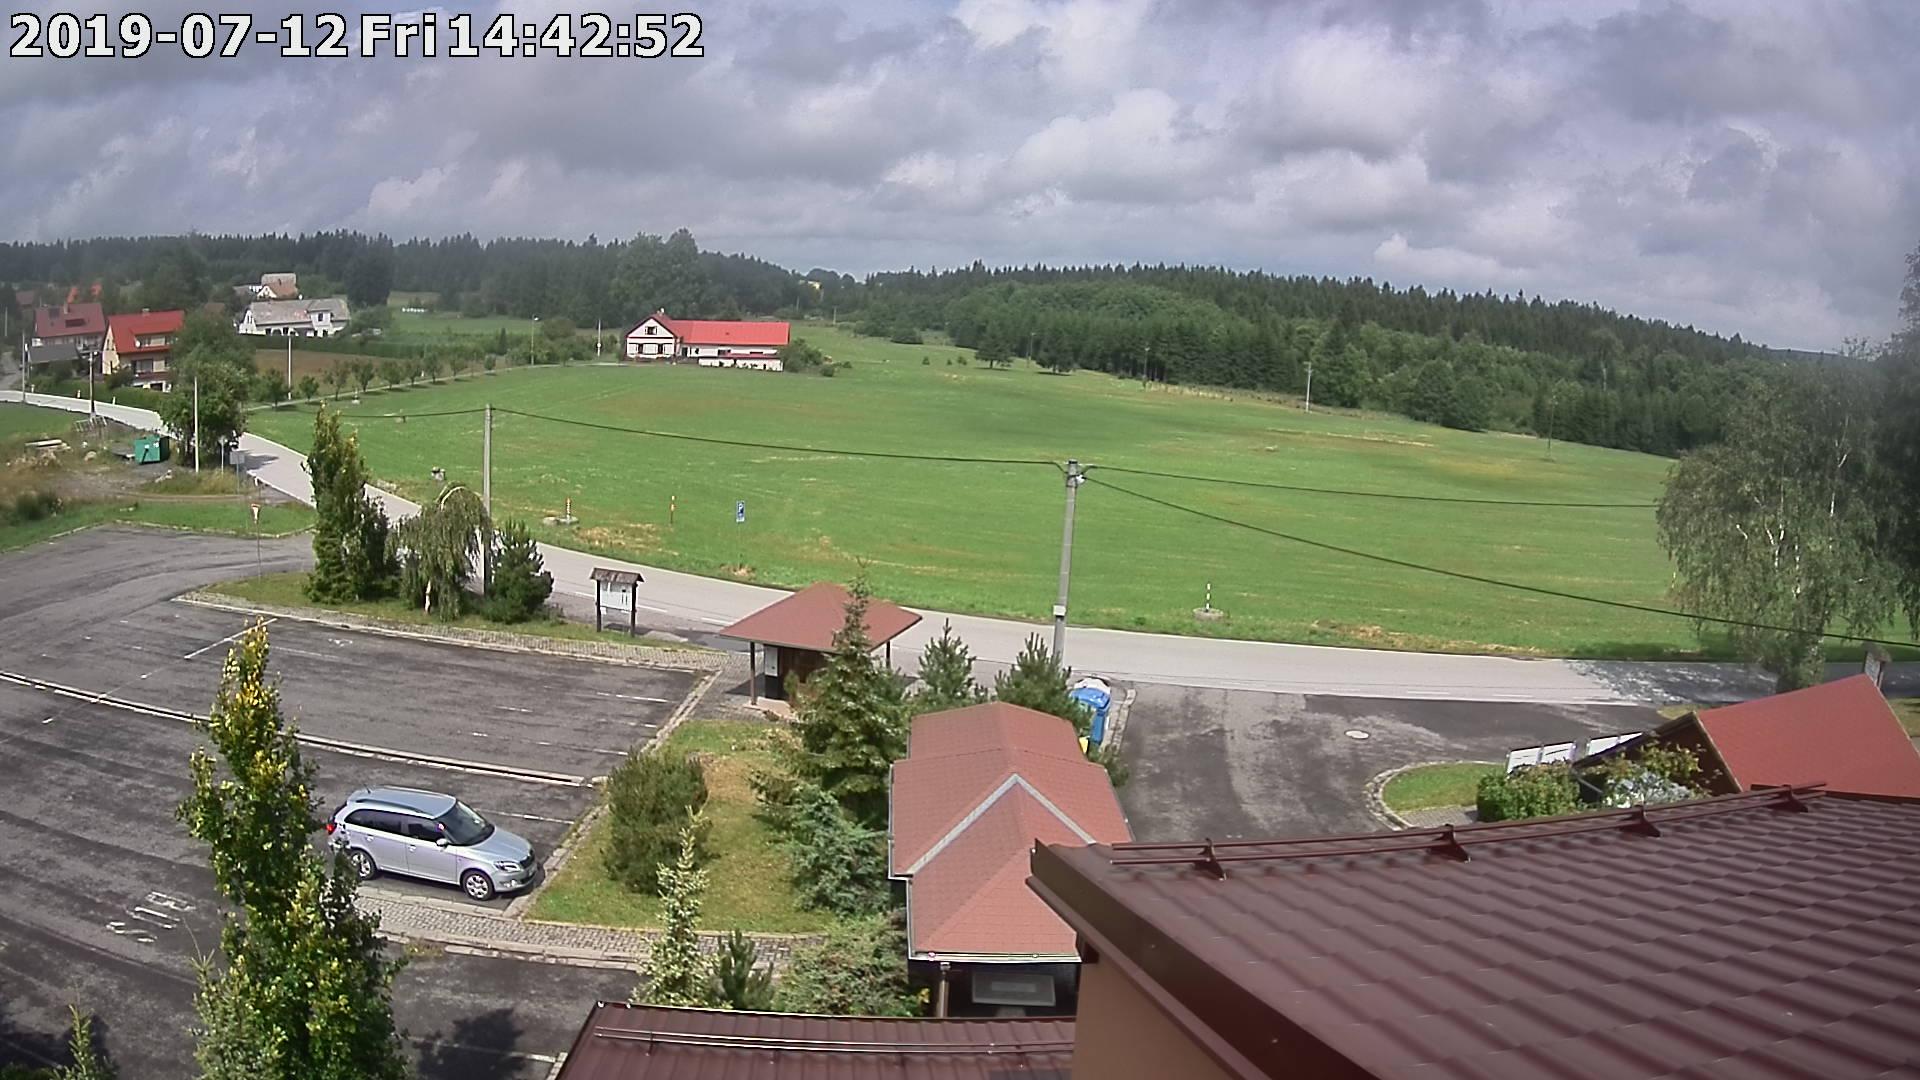 Webkamera ze dne 2019-07-12